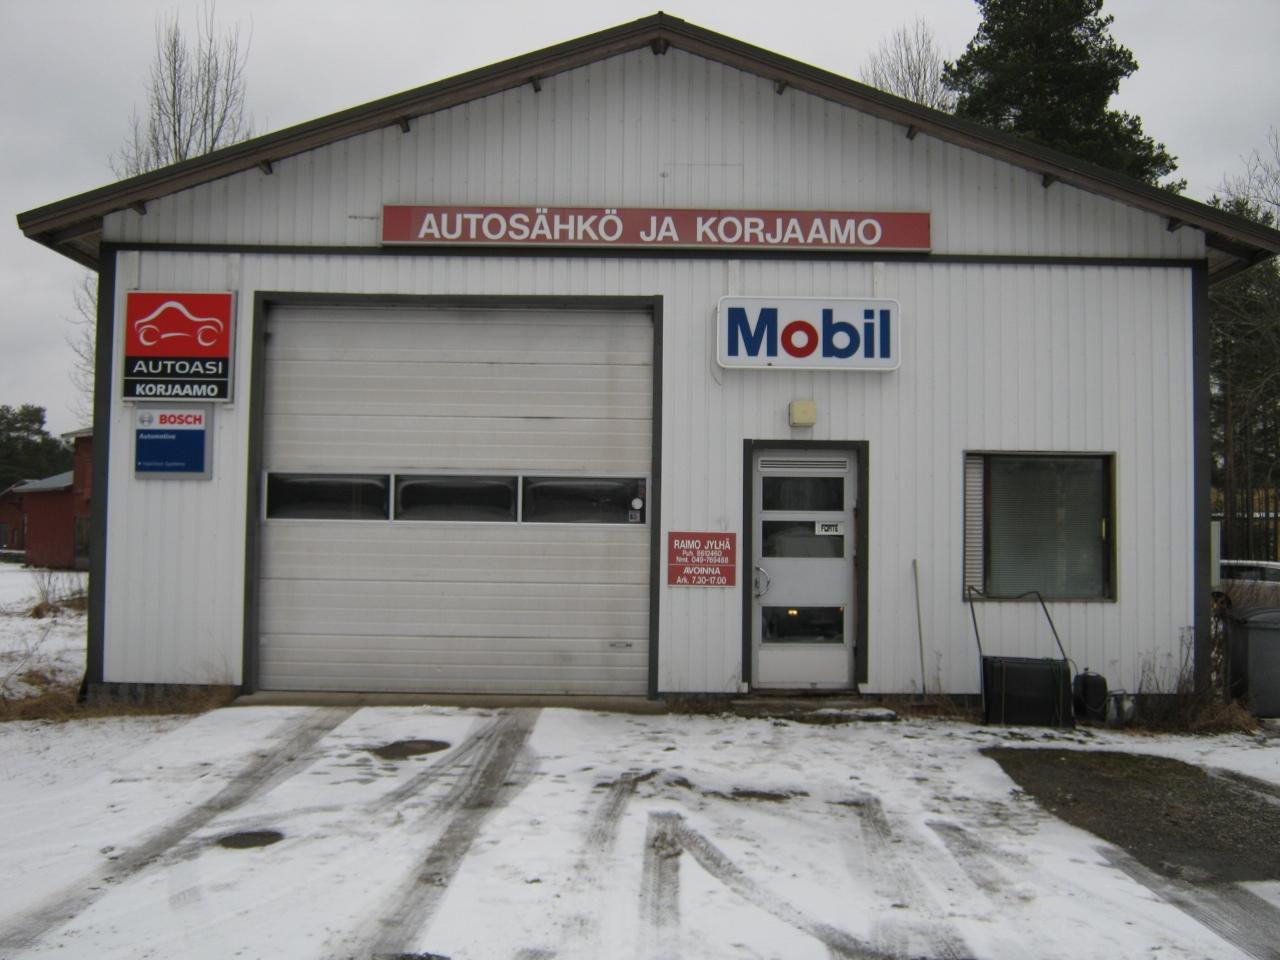 Autosähkö ja korjaamon julkisivu Autoasi Korjaamo